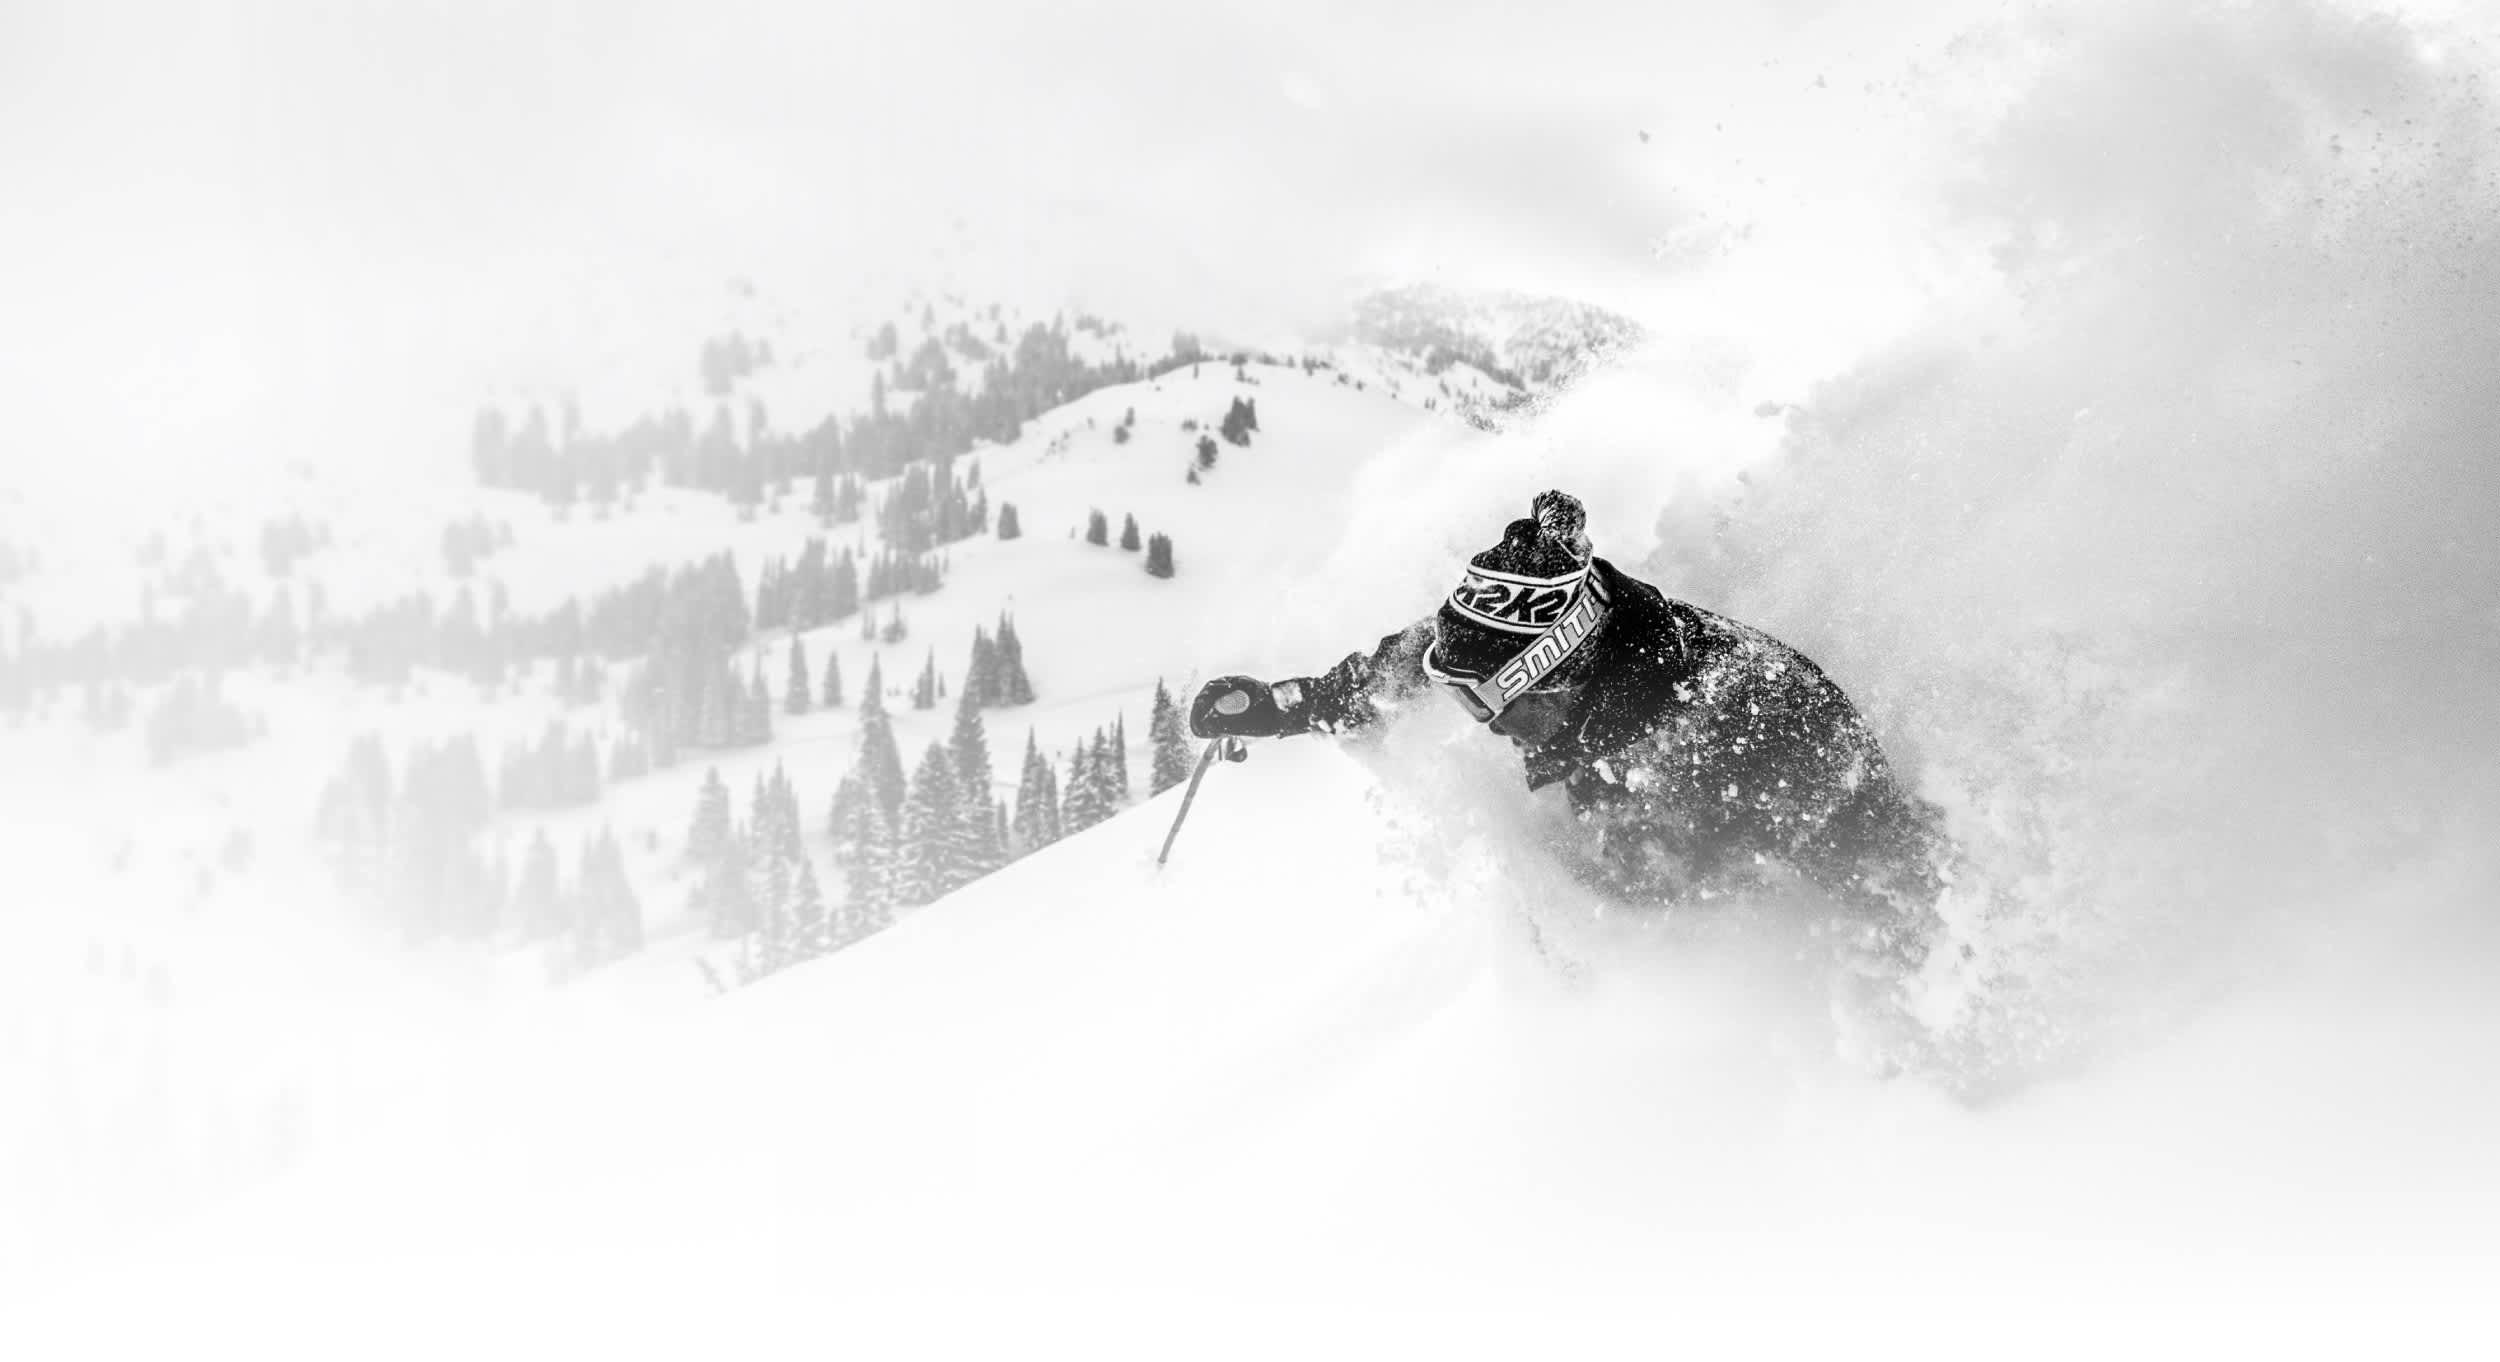 Season Pass FAQs - Alta Ski Area